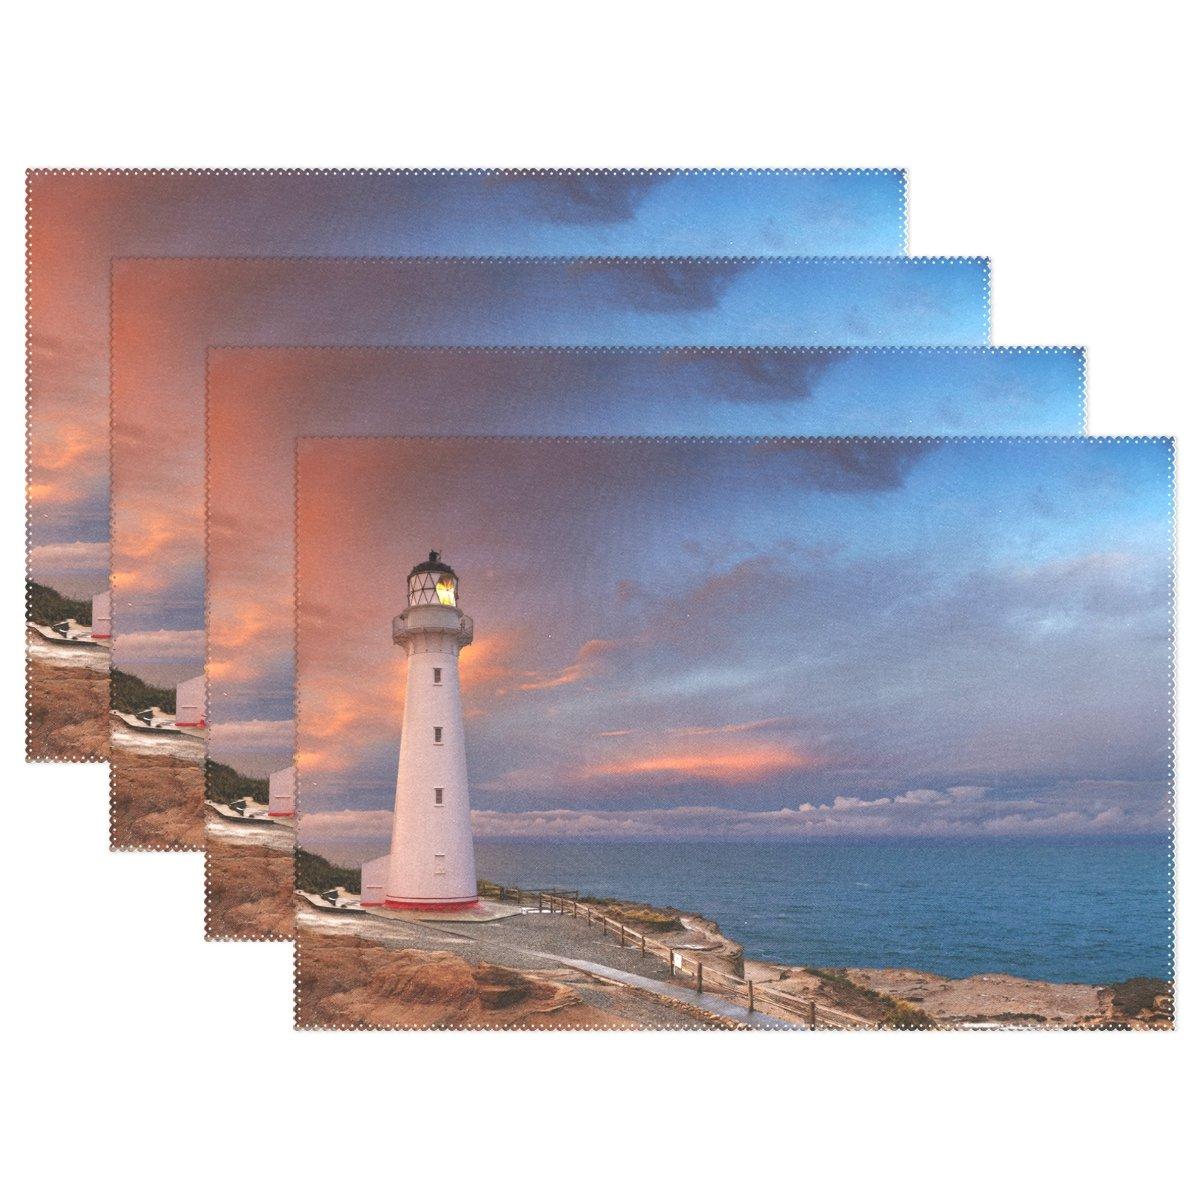 alirea城ポイント灯台ニュージーランド、プレースマット耐熱プレースマット汚れ防止滑り防止洗濯可能ポリエステルテーブルマット非スリップEasy Cleanプレースマット、12